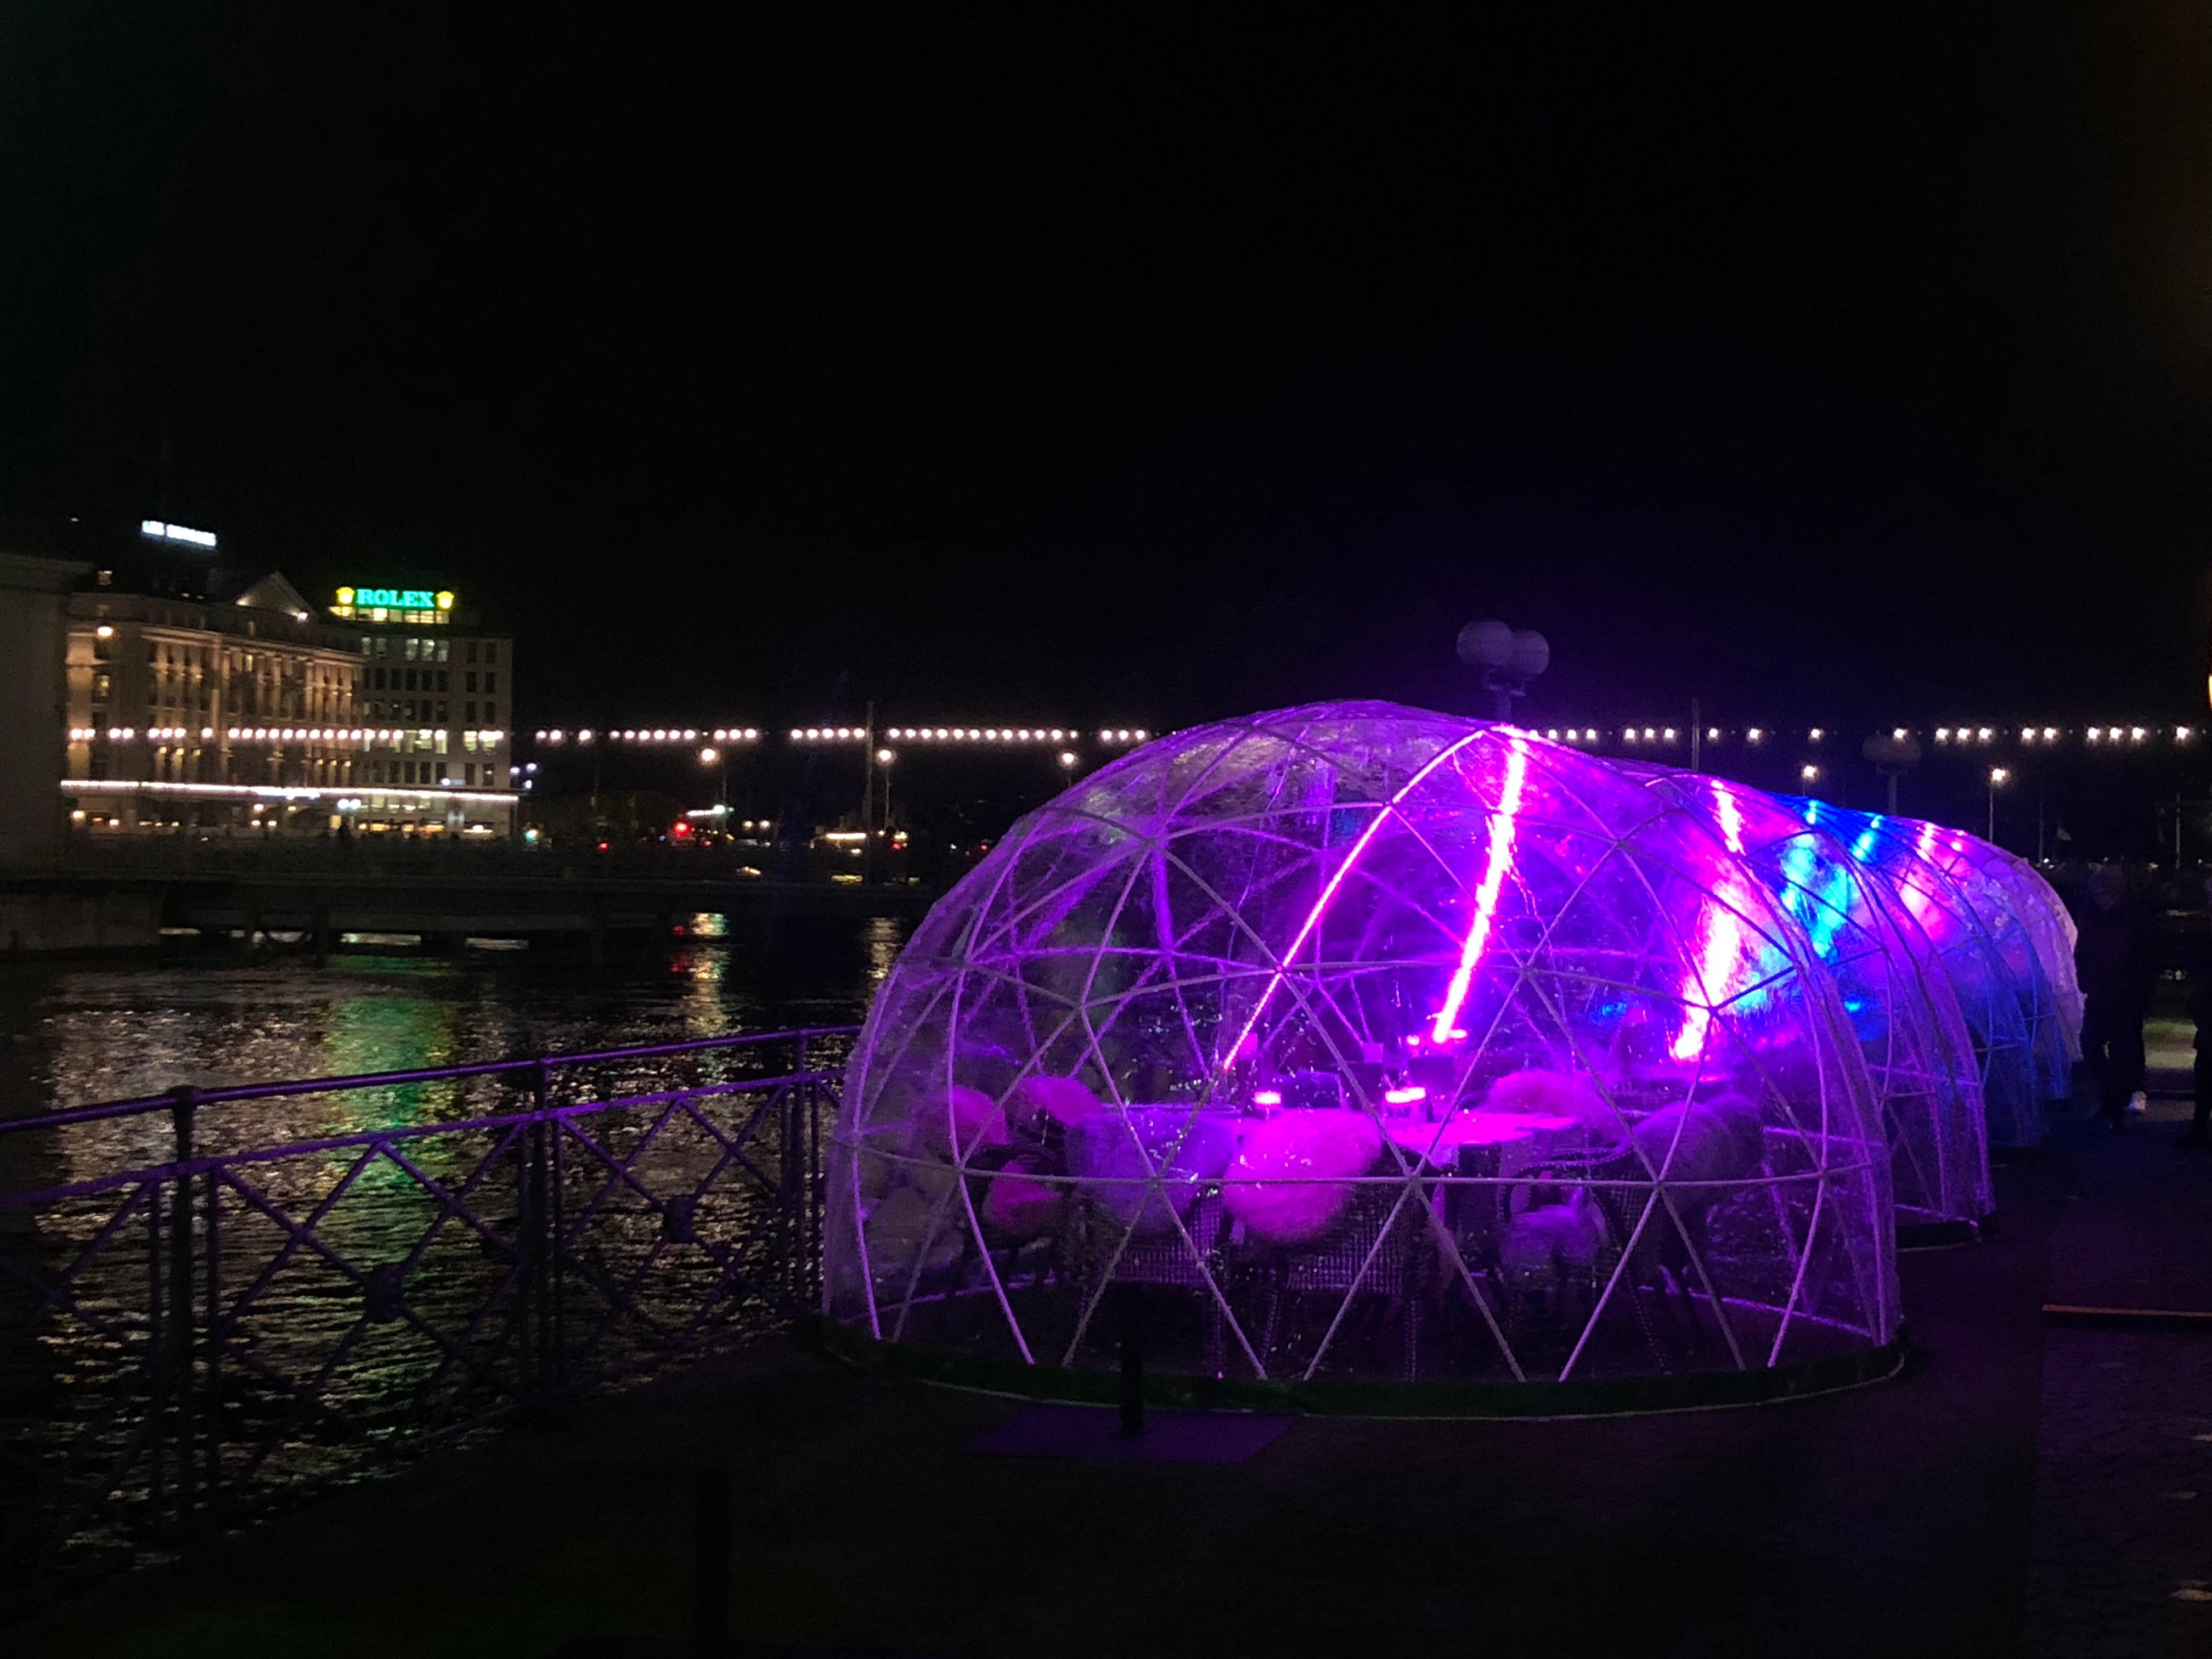 Sphère transparente et lumineuse installée à Genève